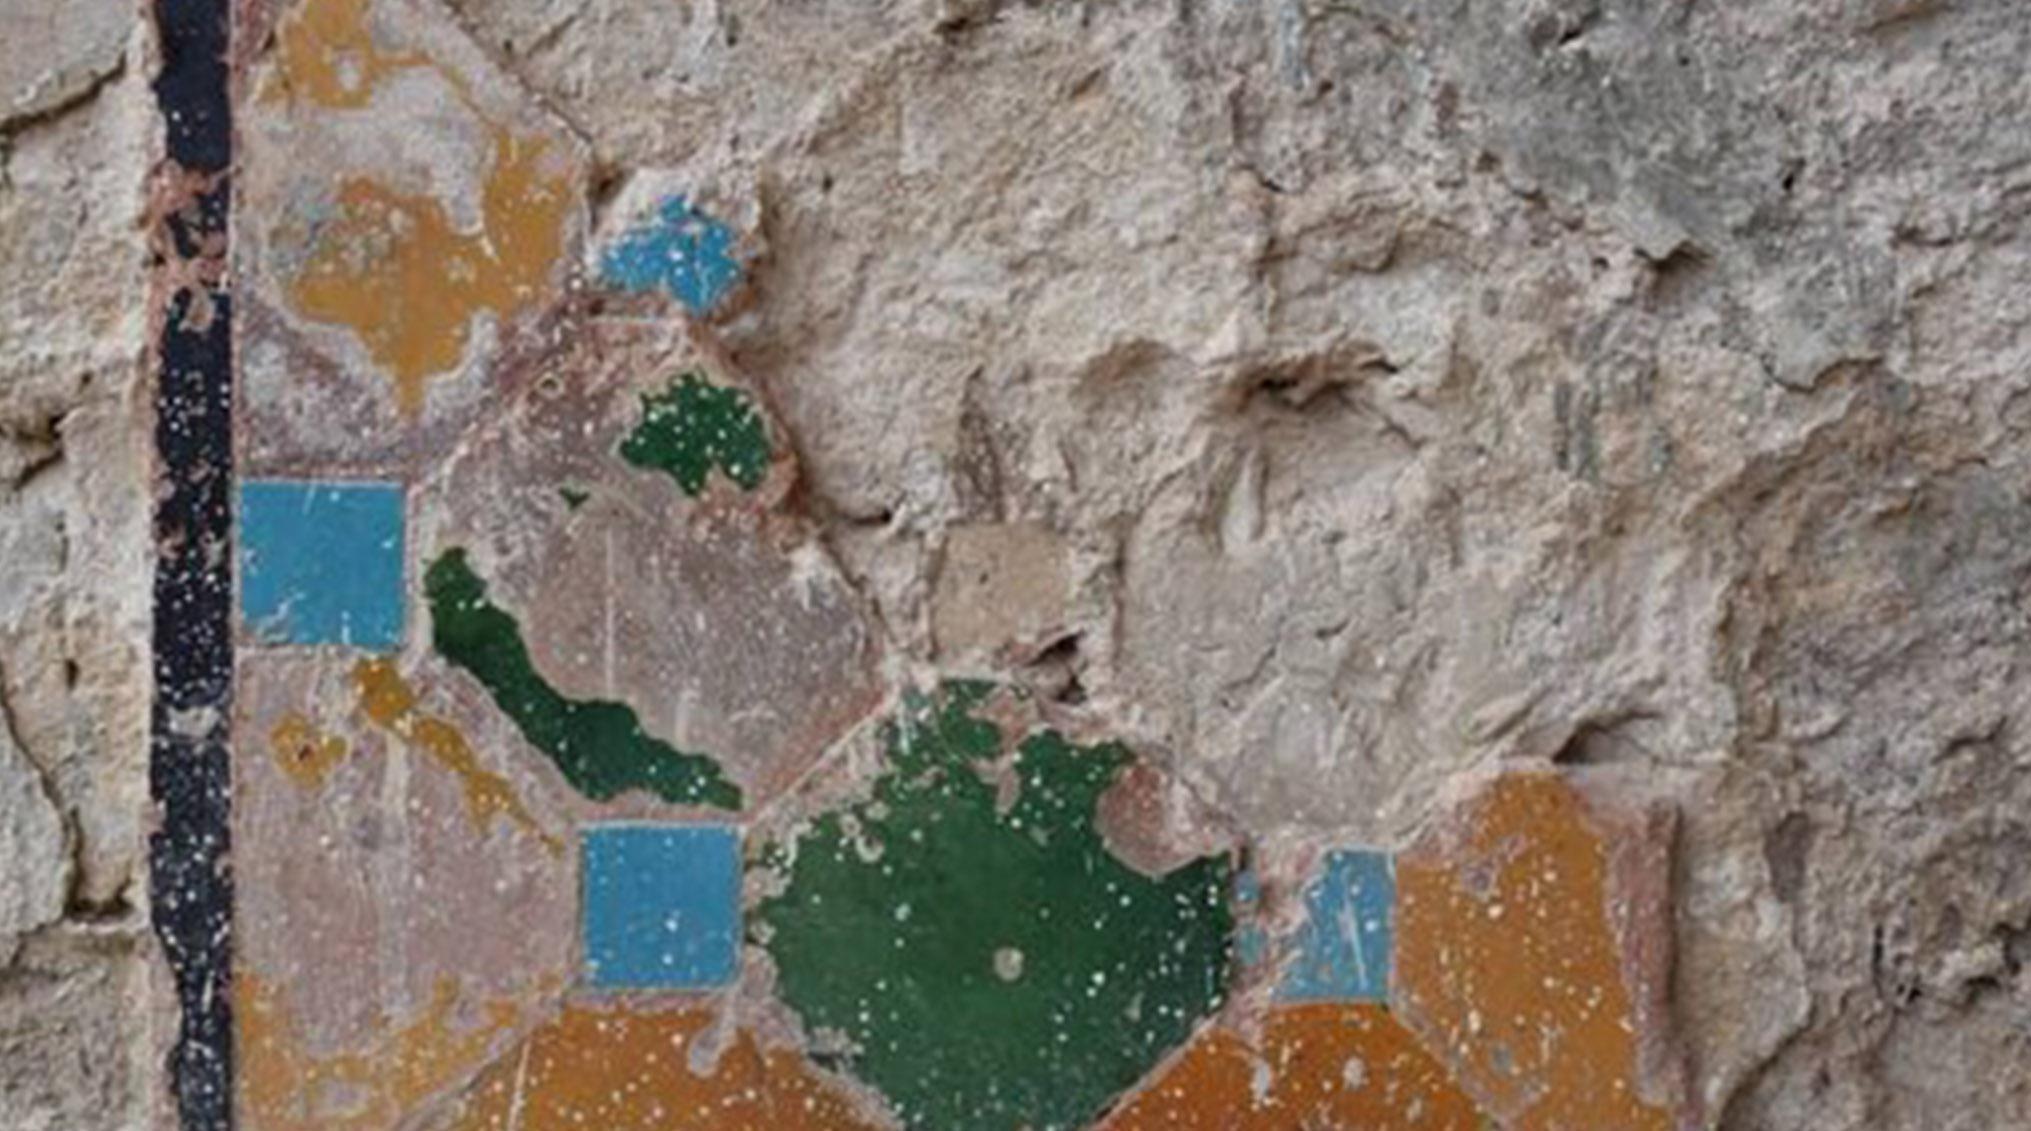 بقایای معماری اصفهان و کاشی های هفت رنگ صفوی در باغ عباس آباد